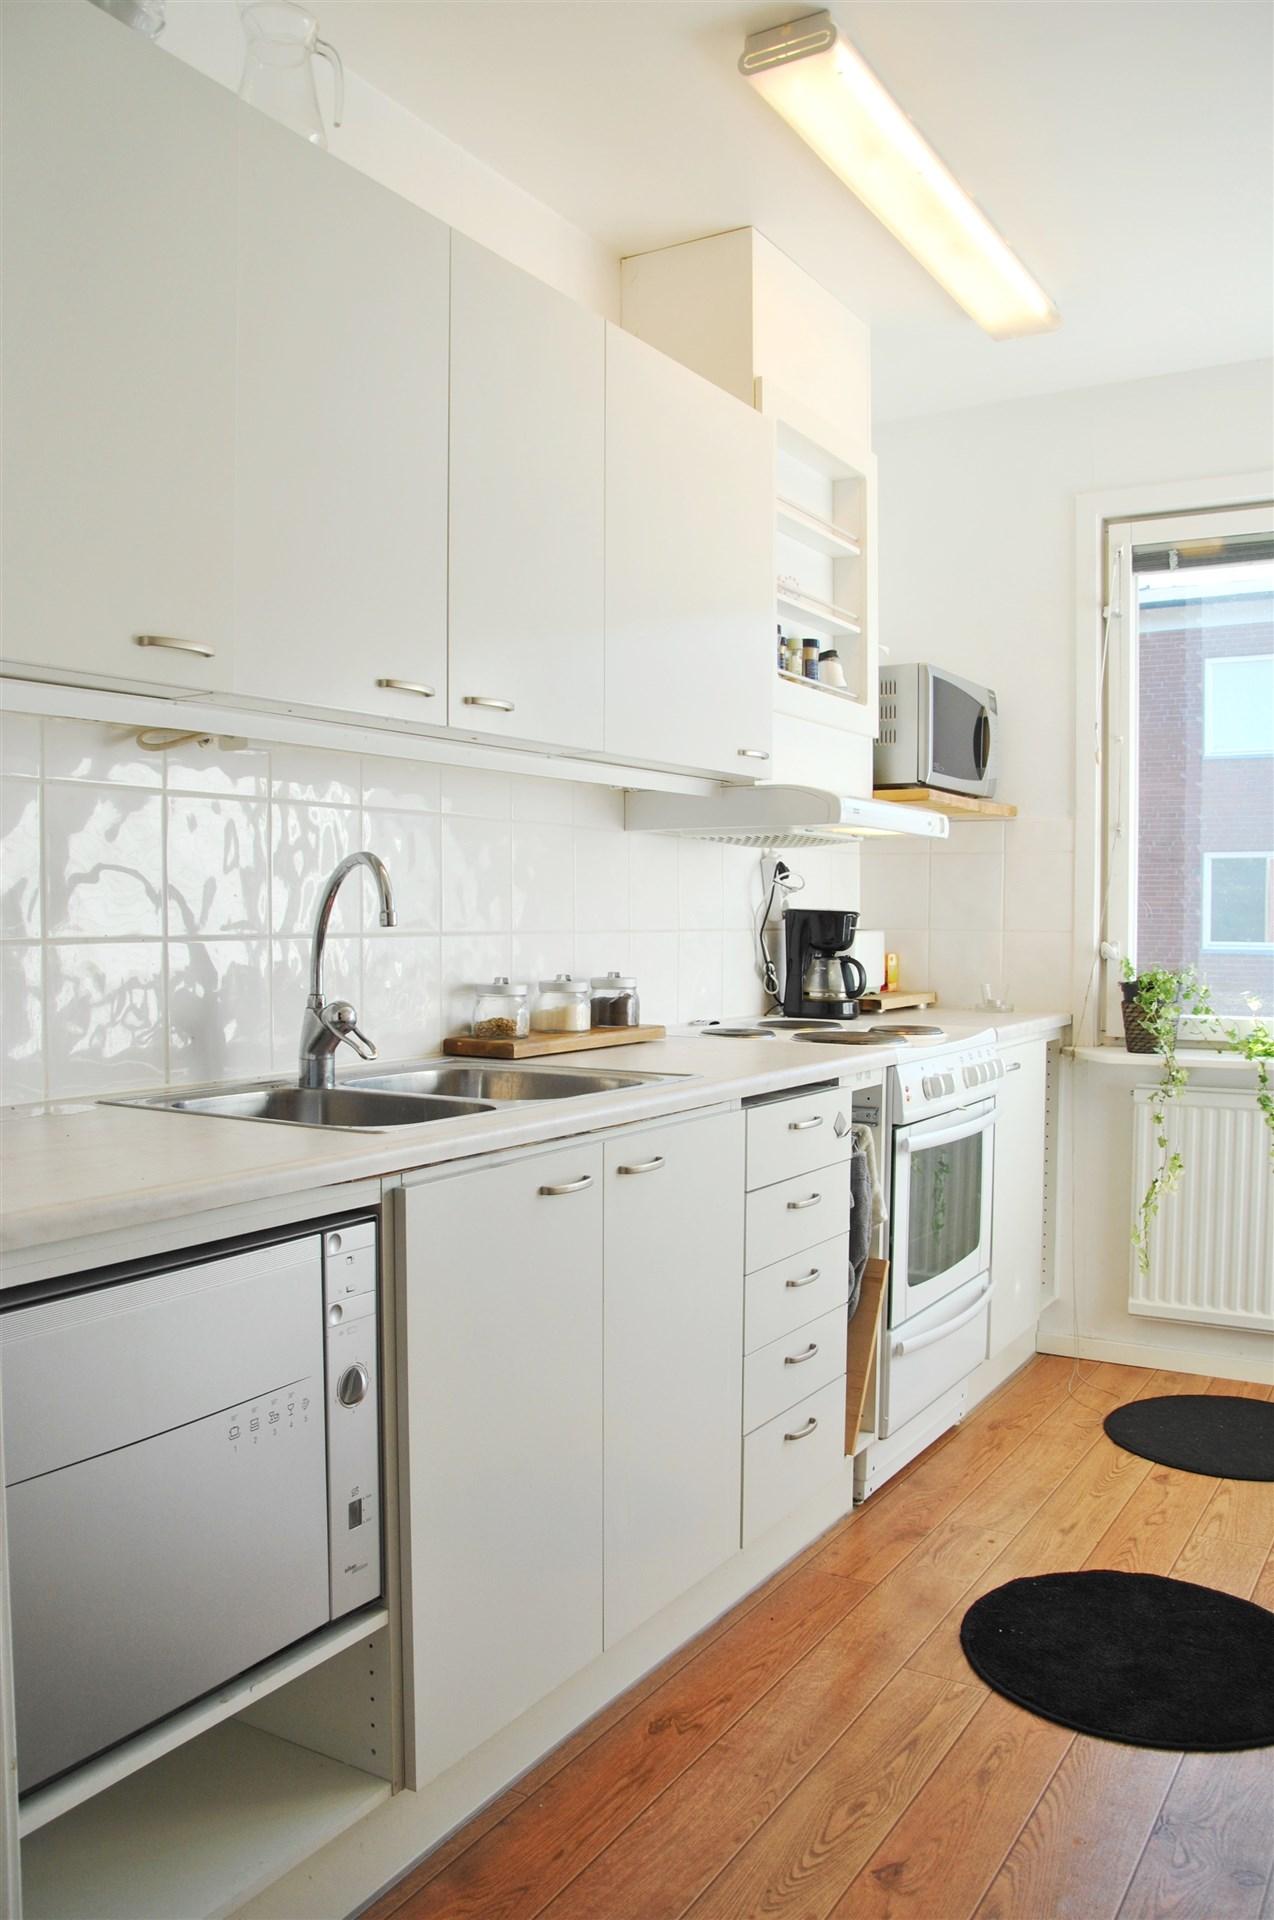 Kök med vita släta luckor och kakel över köksbänk